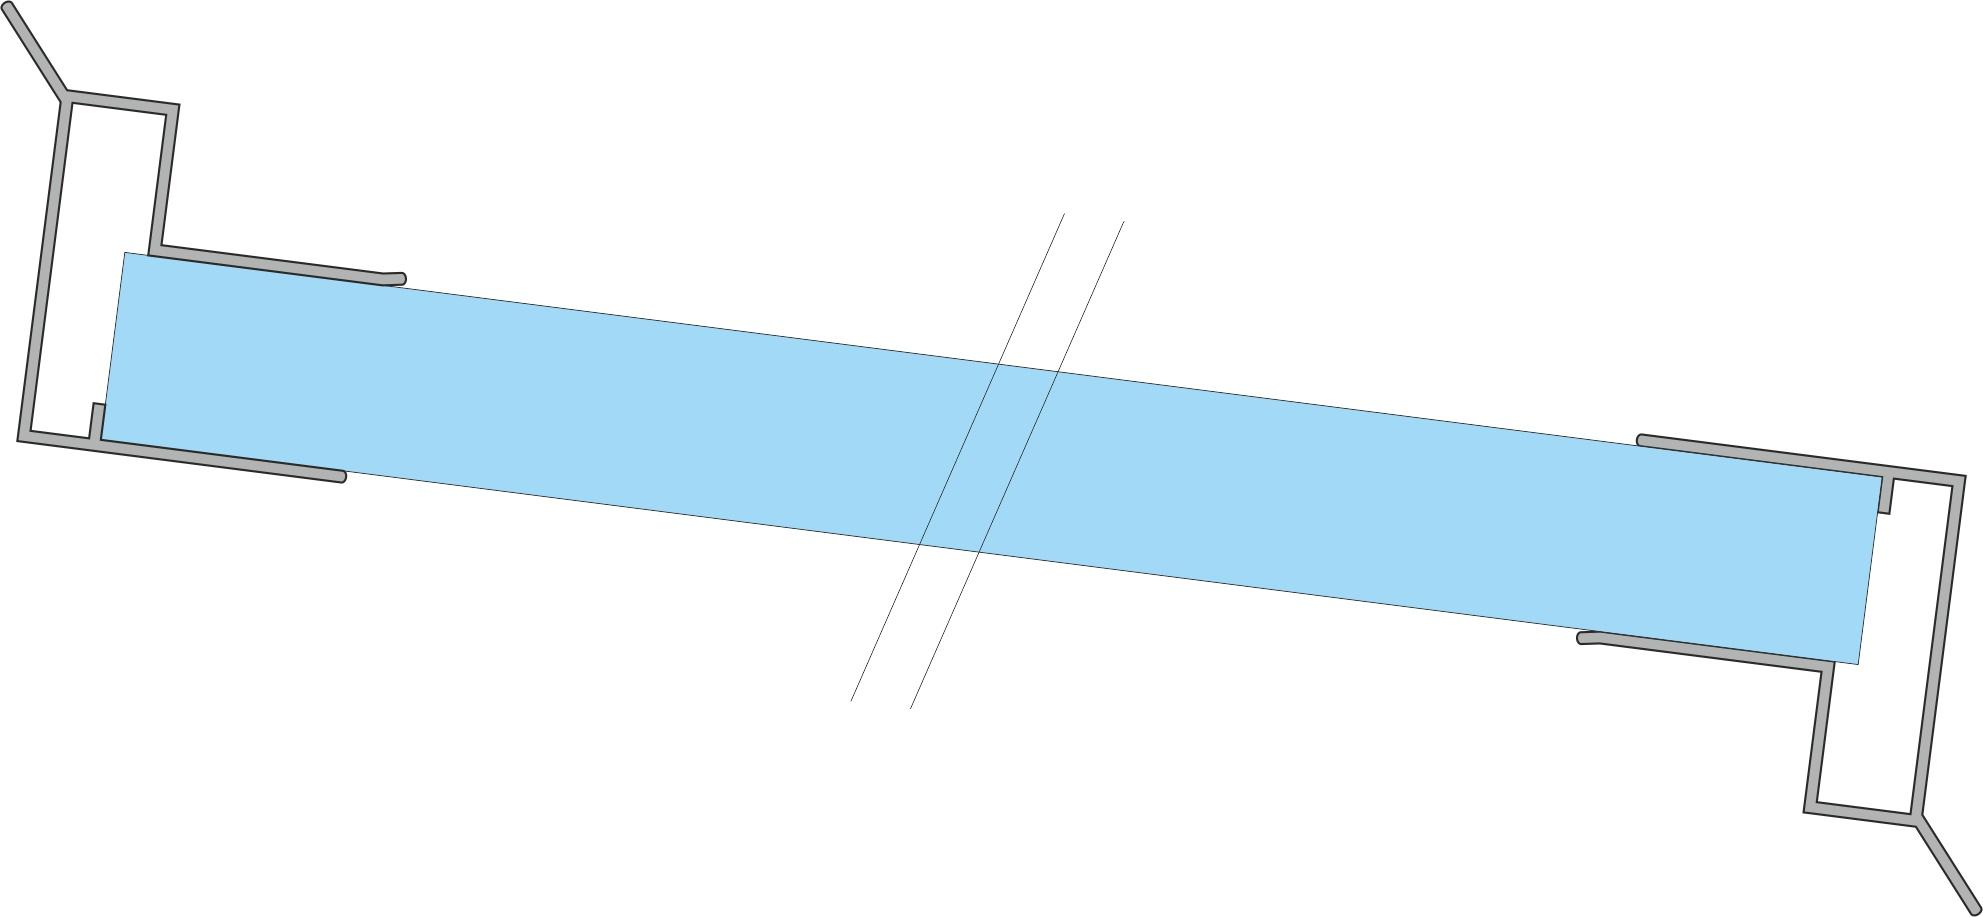 Stirnseitenabschlussprofil Alu Mit Grosser Tropfkante Bzw Wassernase